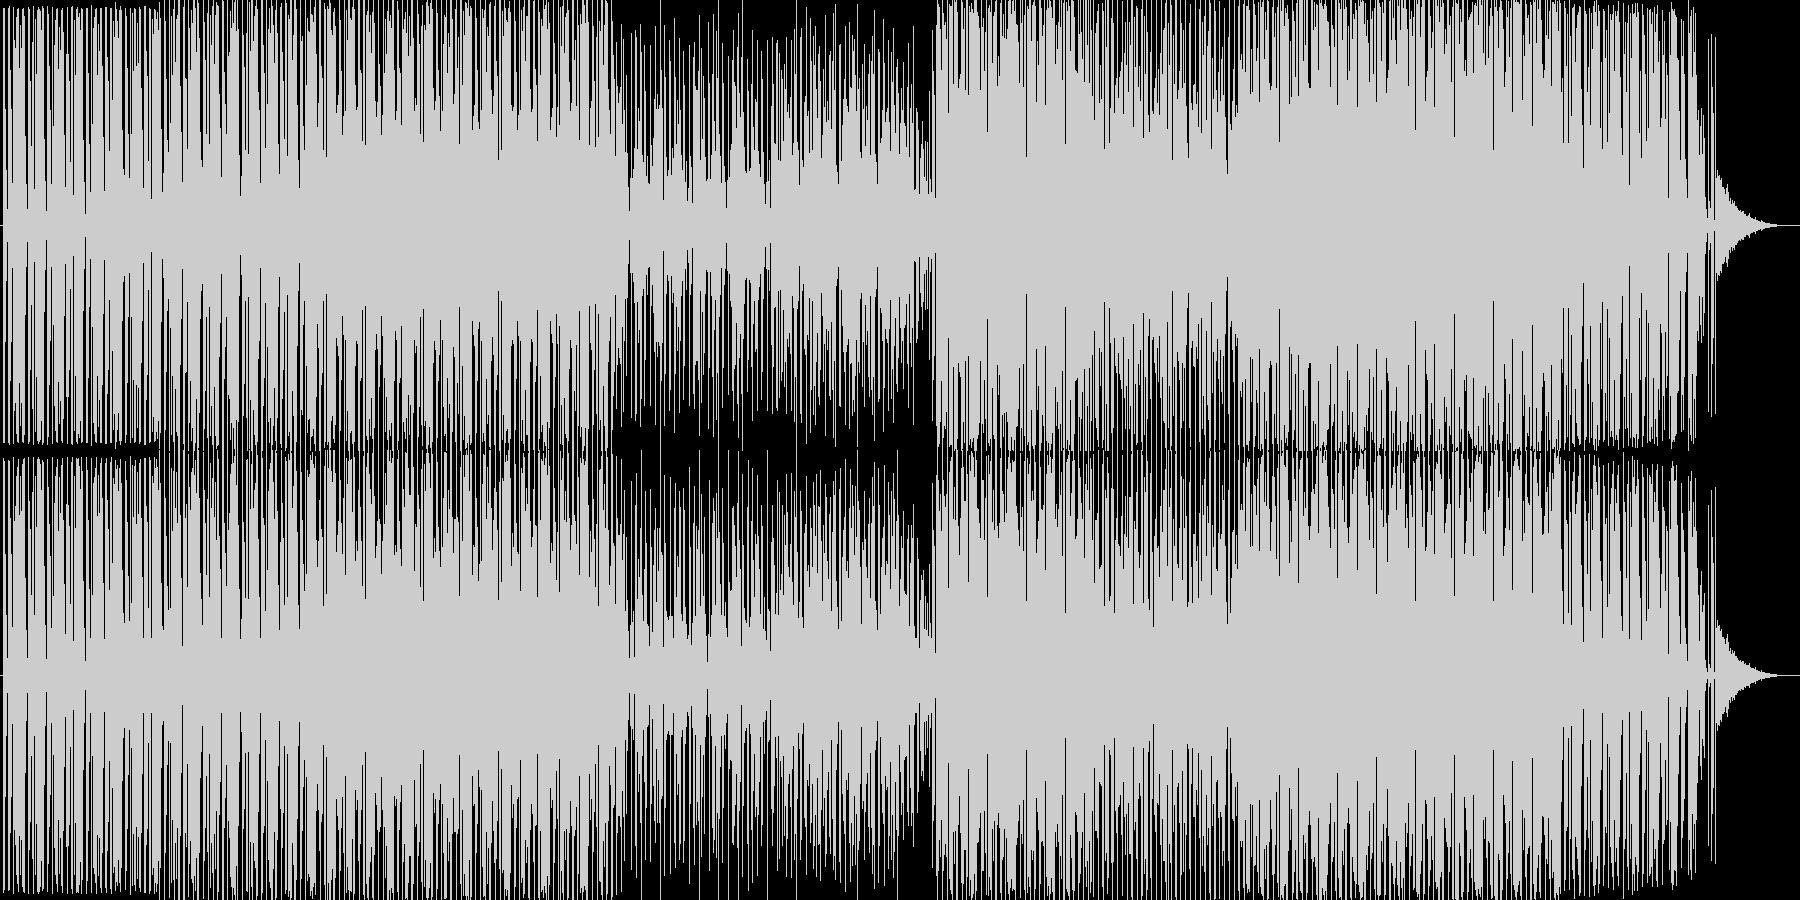 ハウスです。24bit,48kHz環境…の未再生の波形